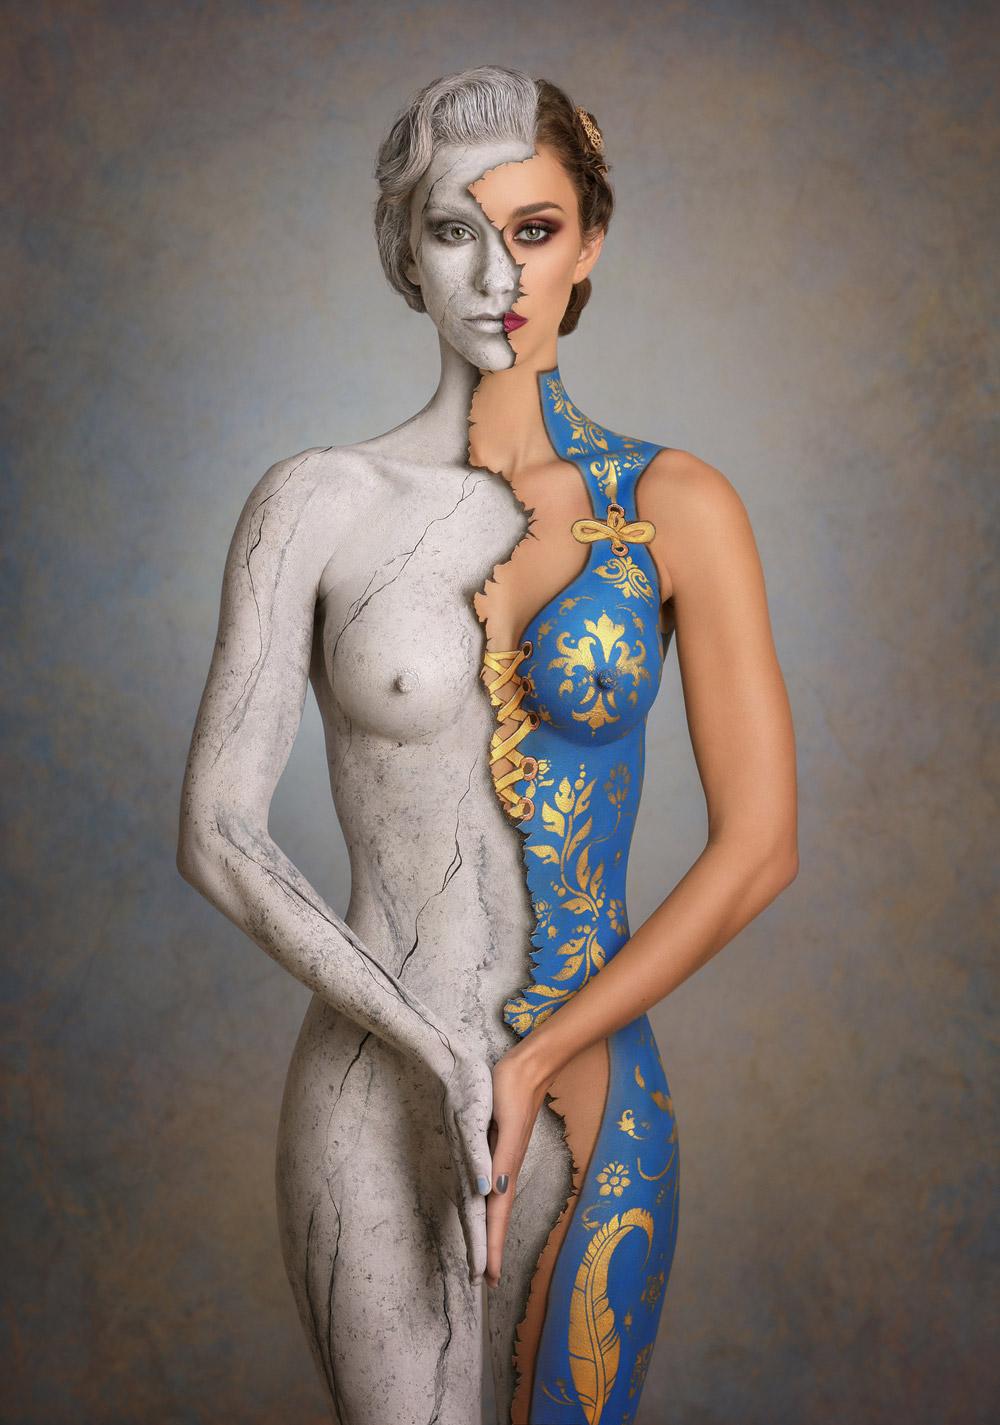 Эрих Капарас / Erich Caparas, Первое место в категории «Портрет — Будуар», Фотоконкурс WPPI First Half Competition 2017